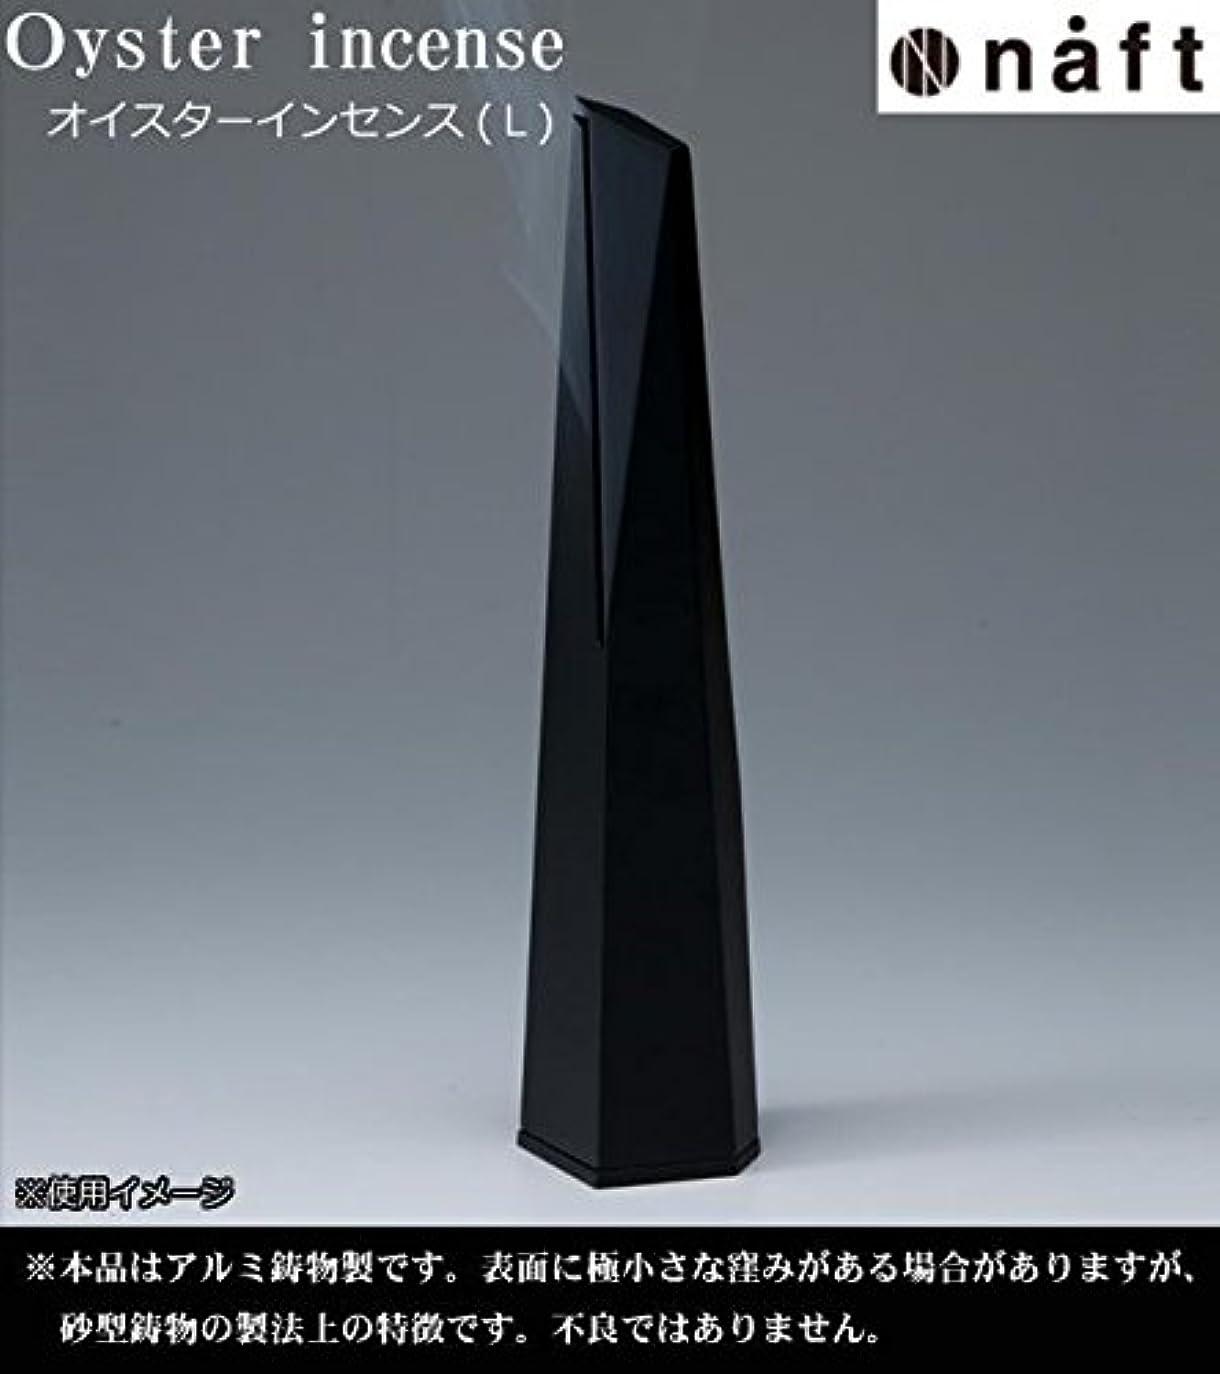 作曲するジャケット挨拶するnaft Oyster incense オイスターインセンス 香炉 Lサイズ ブラック